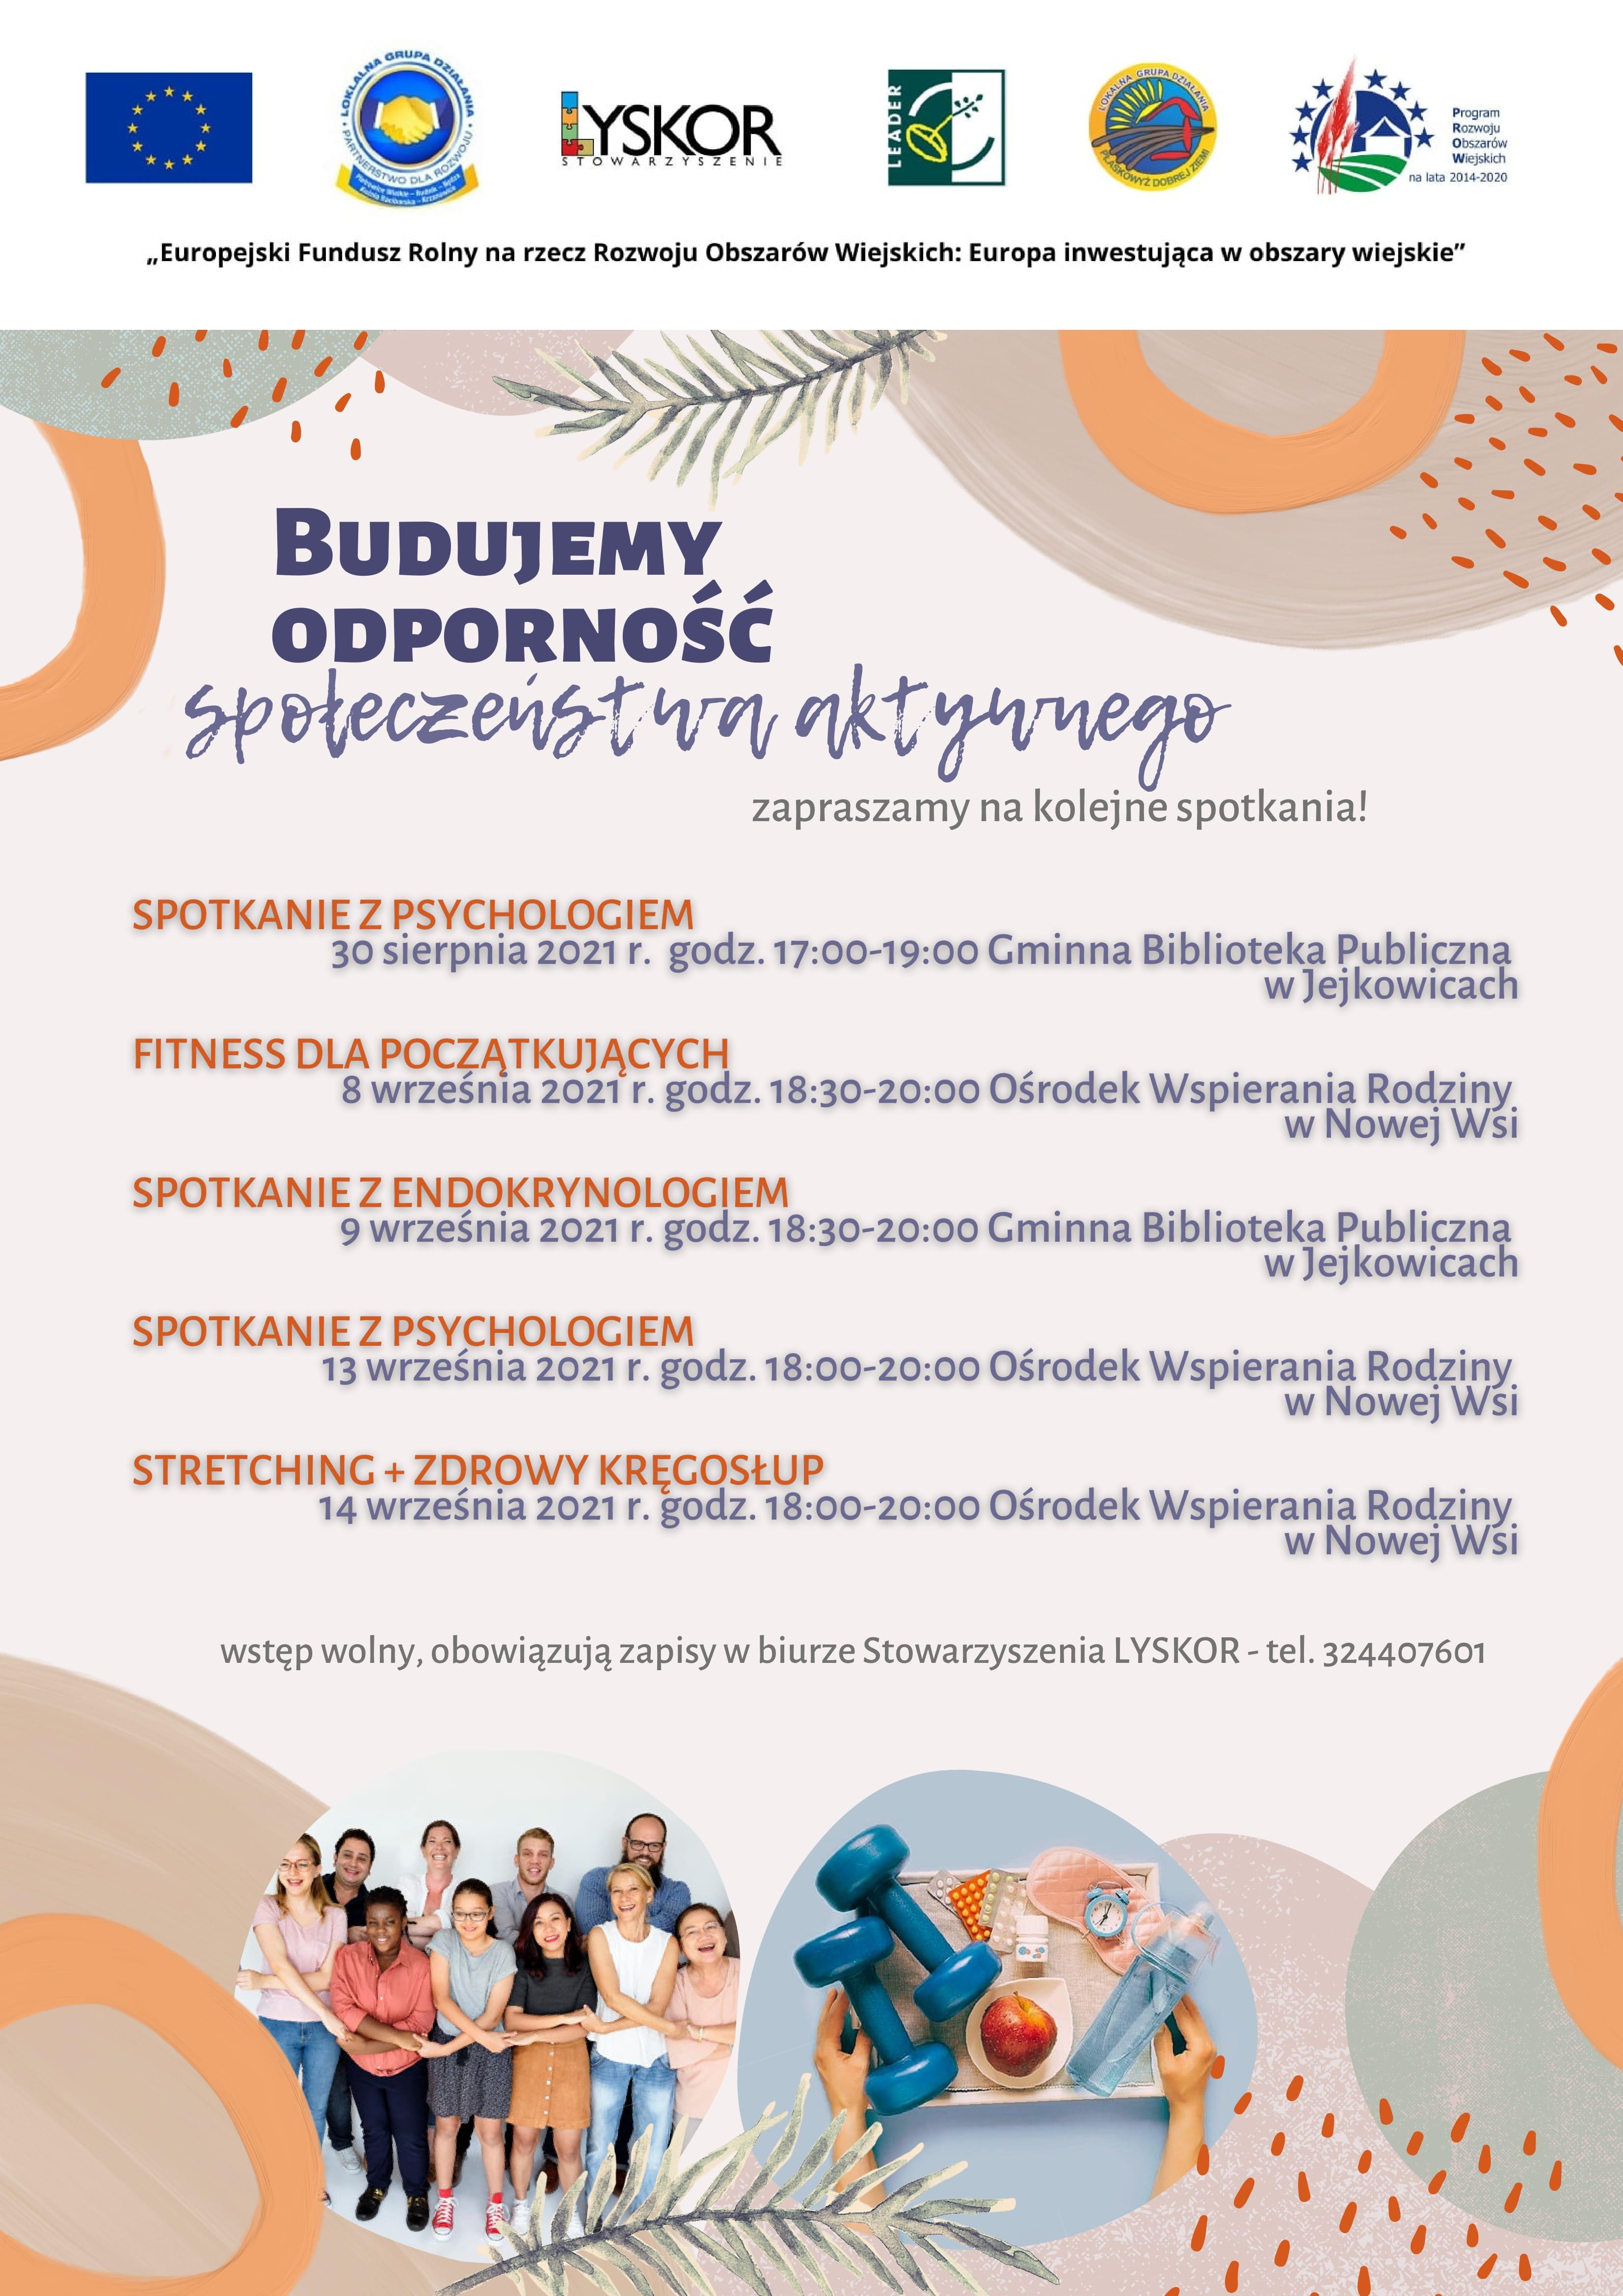 BUDUJEMY-1